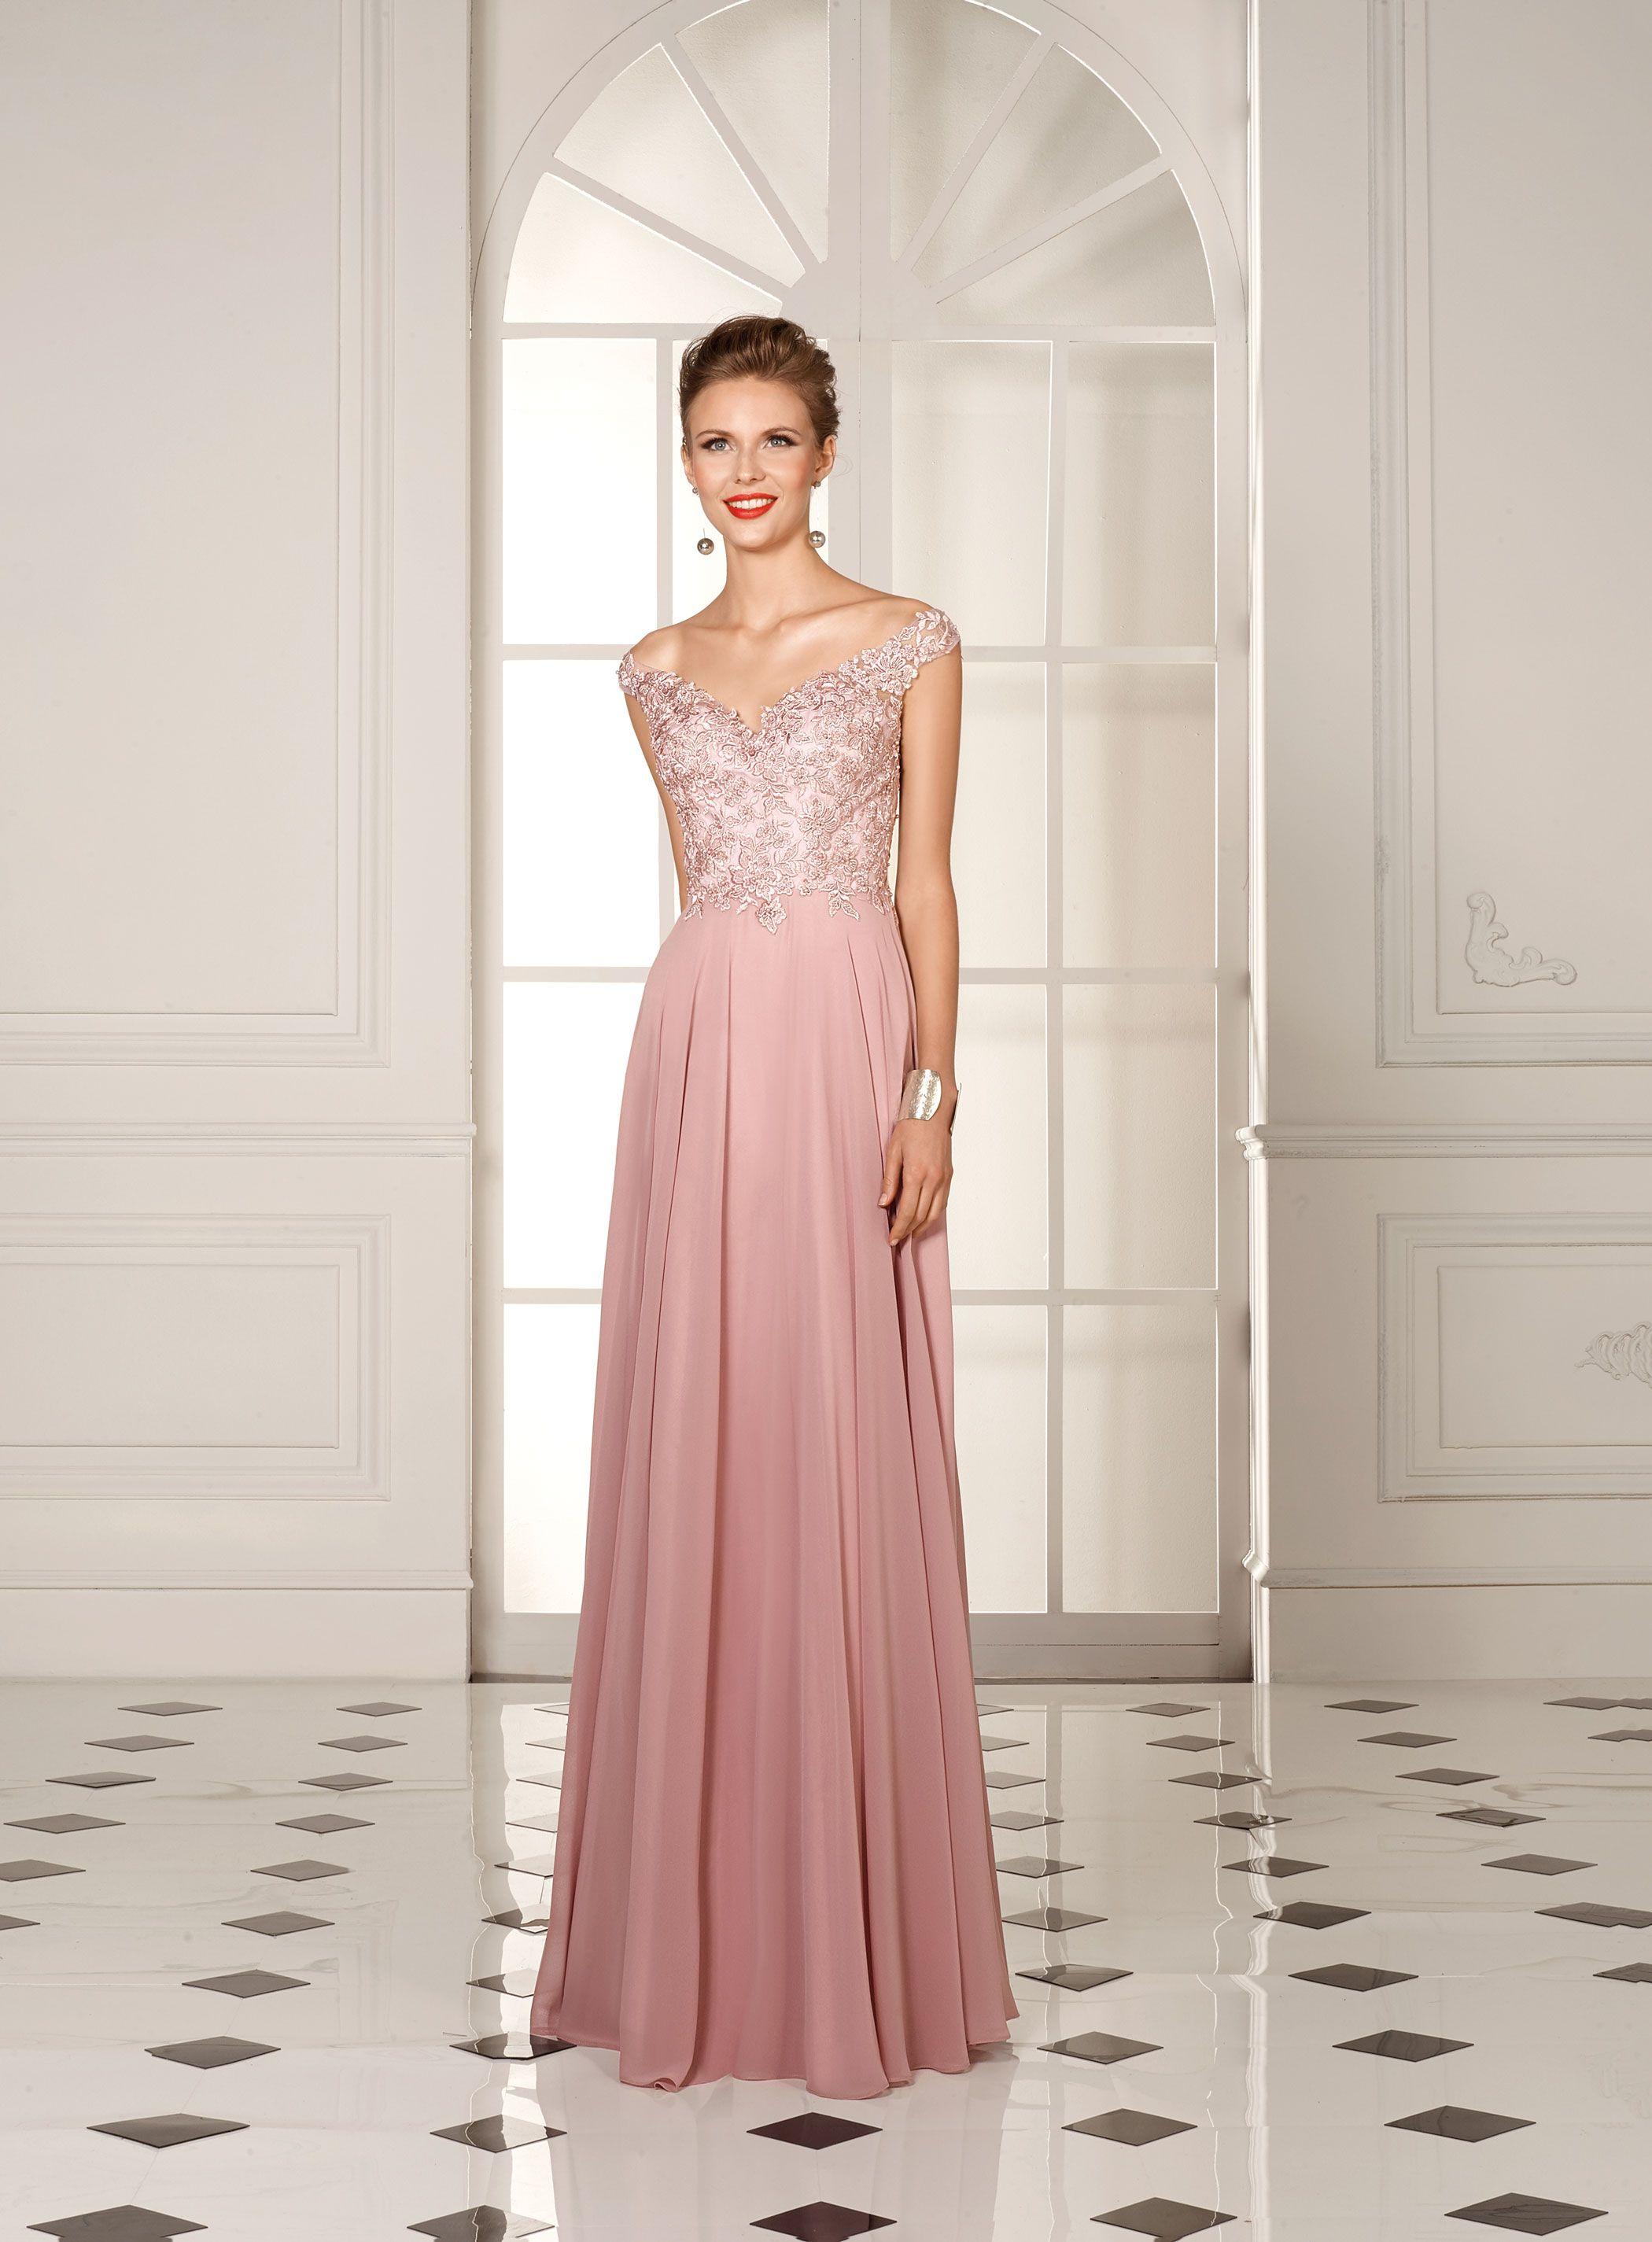 Robe longue de soiree rose poudre